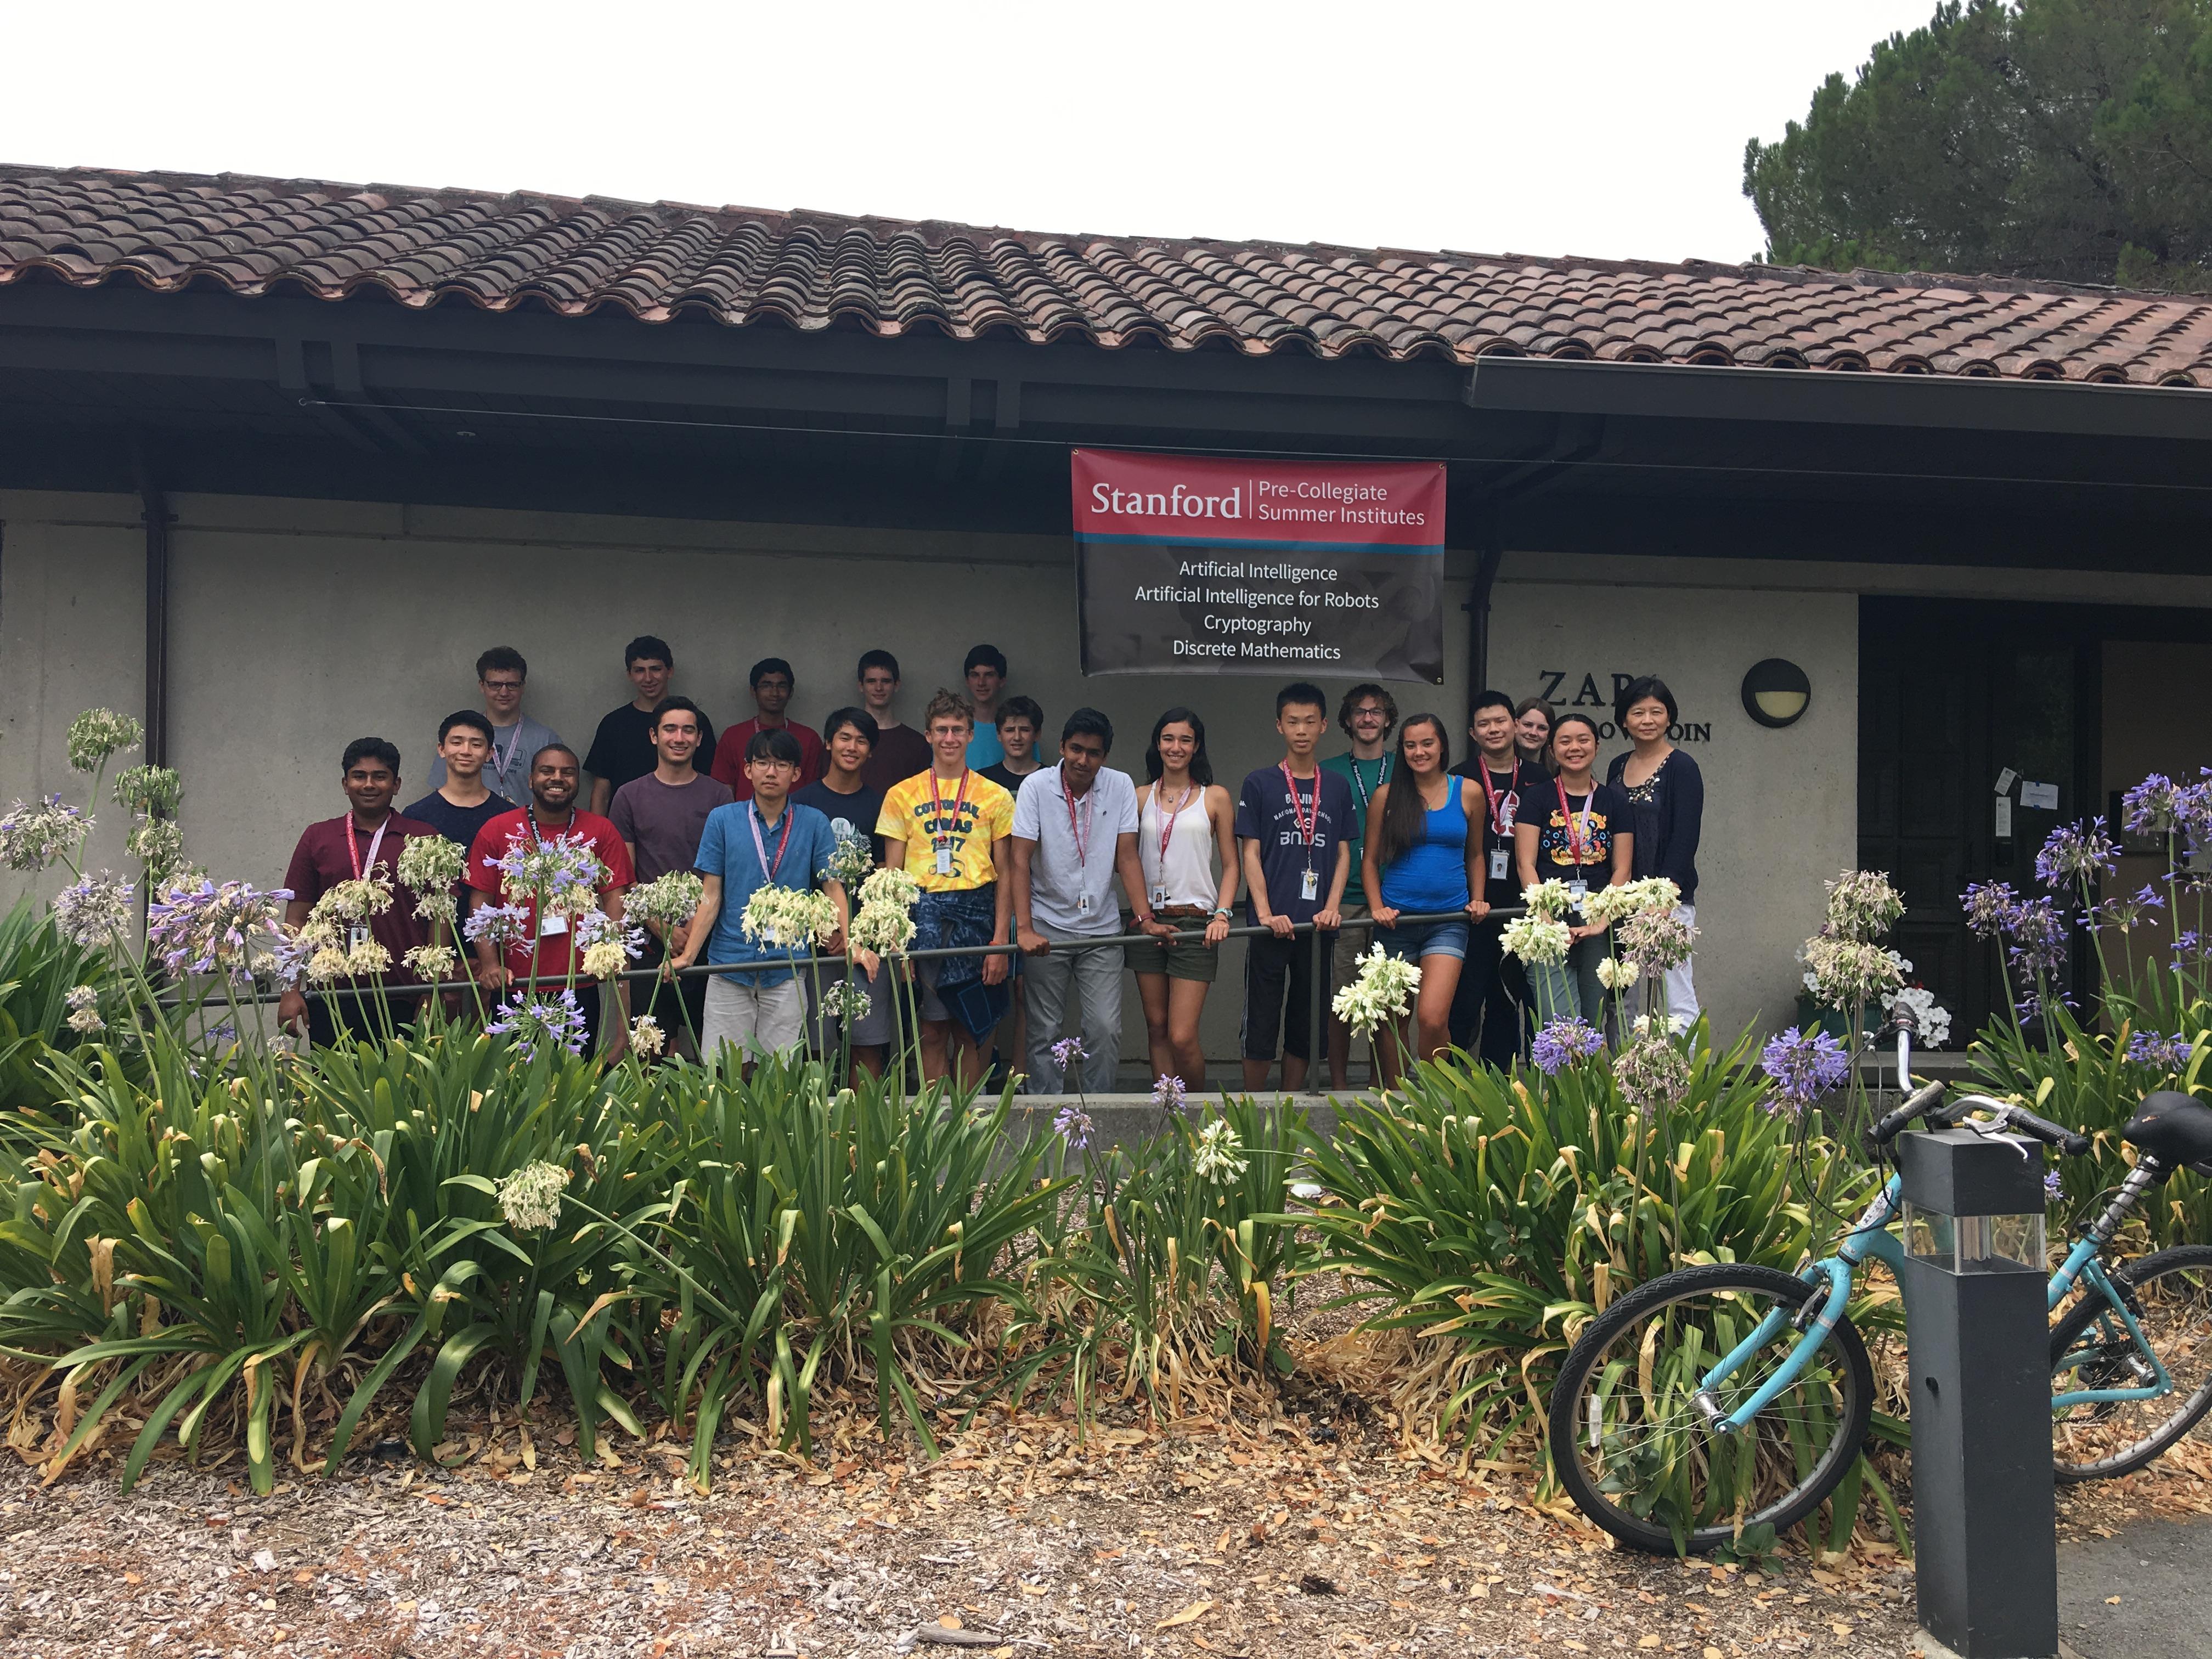 Stanford Pre-Collegiate Studies, Summer Institutes 2017